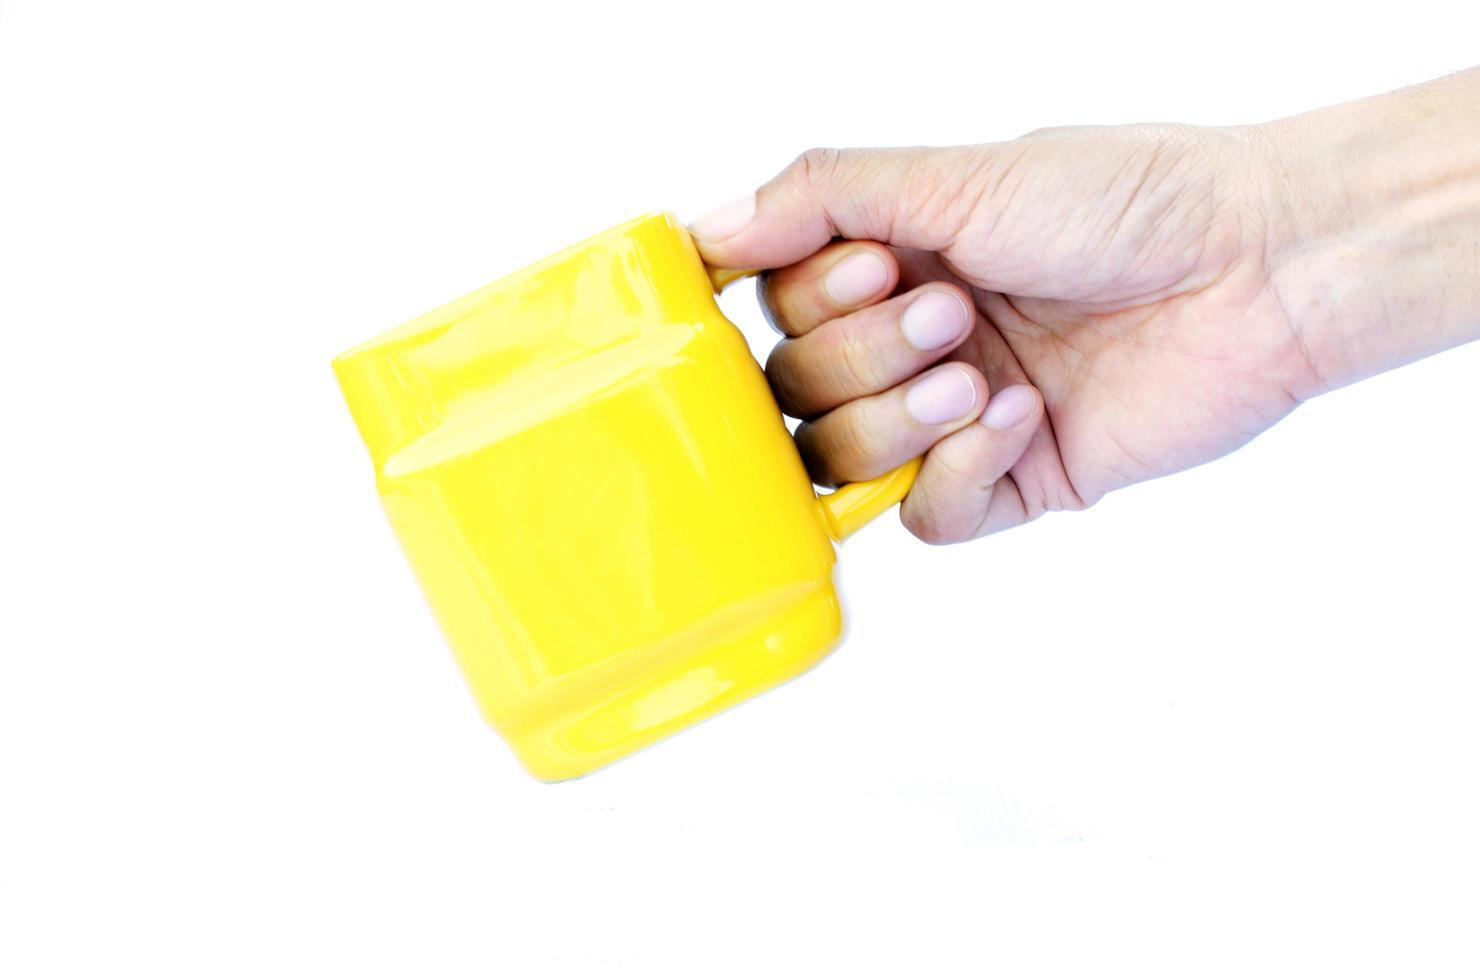 höger hand som håller gula koppar isolerade på vit bakgrund foto